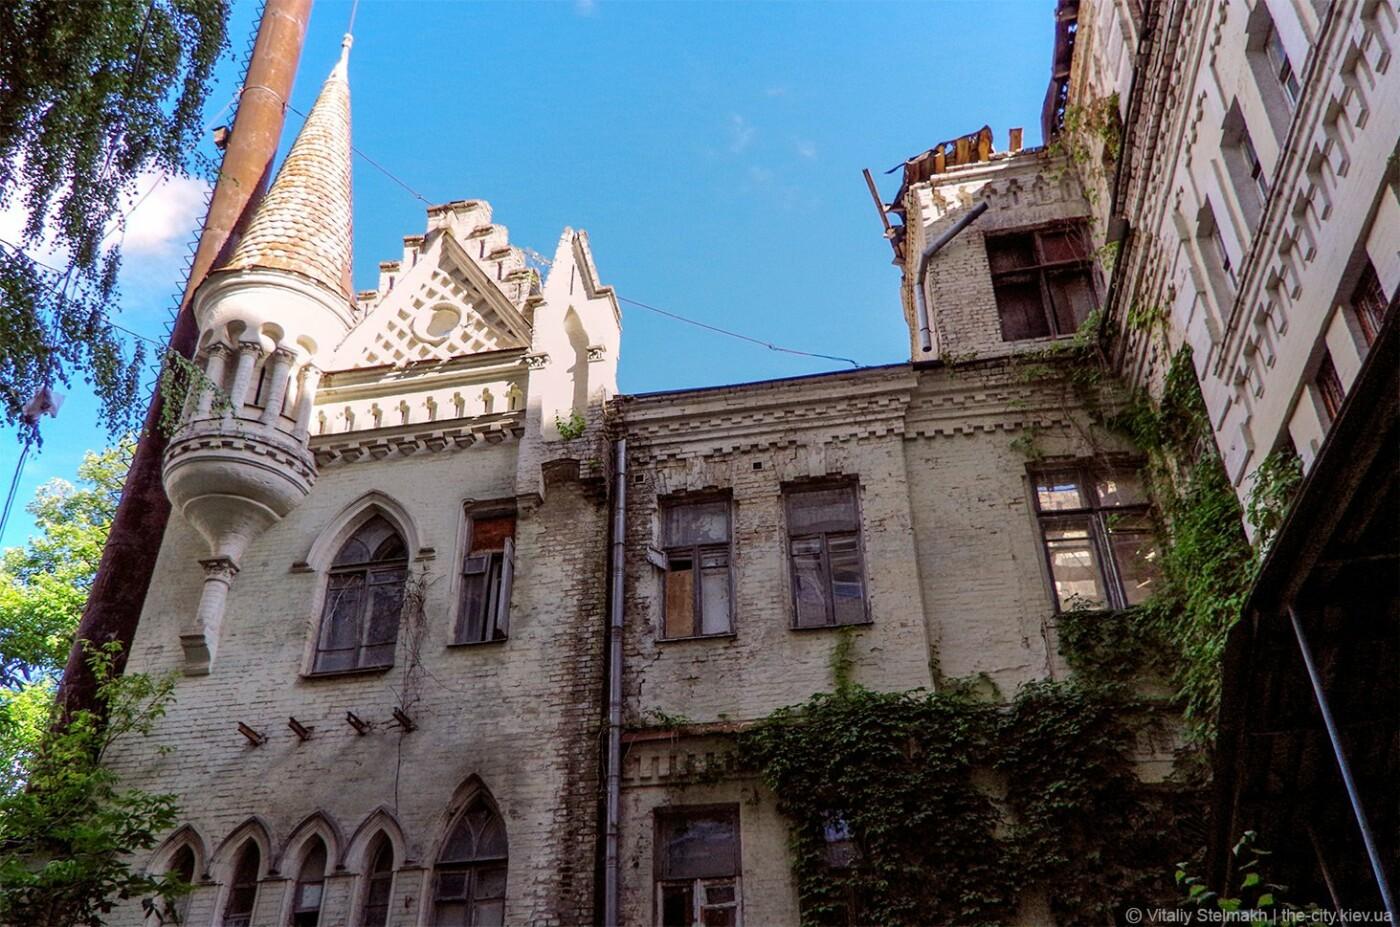 Замок барона Штейнгеля в Киеве, с которым часто путают другой замок, - ФОТО, Фото: The City Kiev